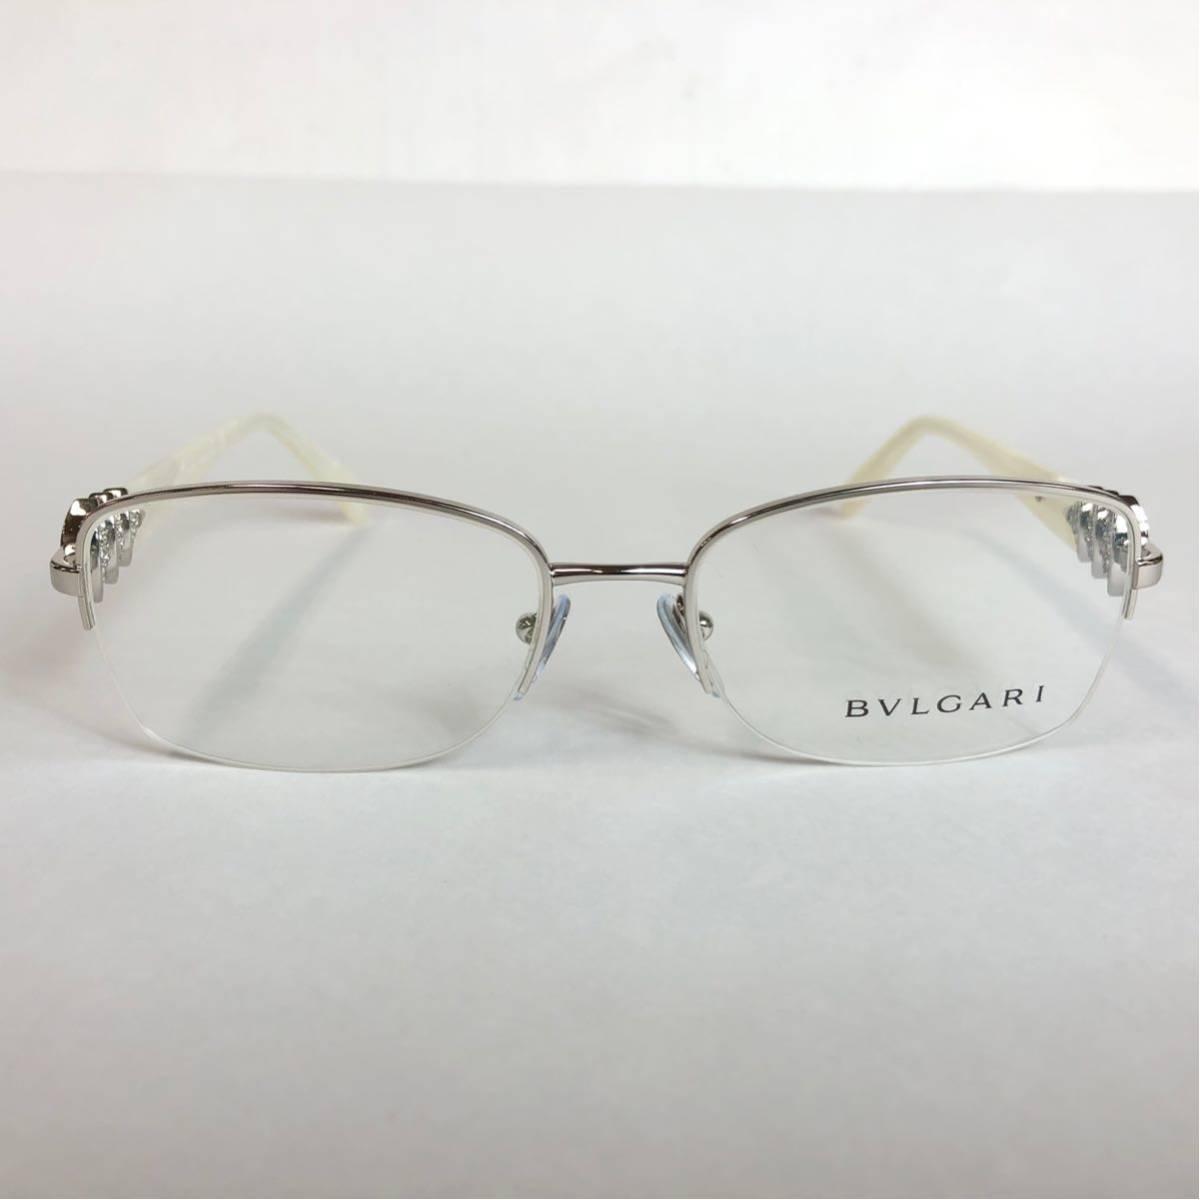 未使用 新品 BVLGARI 正規品 1円スタート ハーフリム 眼鏡フレーム 2162-B ホワイトマーブル めがね ブルガリ イタリア製 N38_画像2